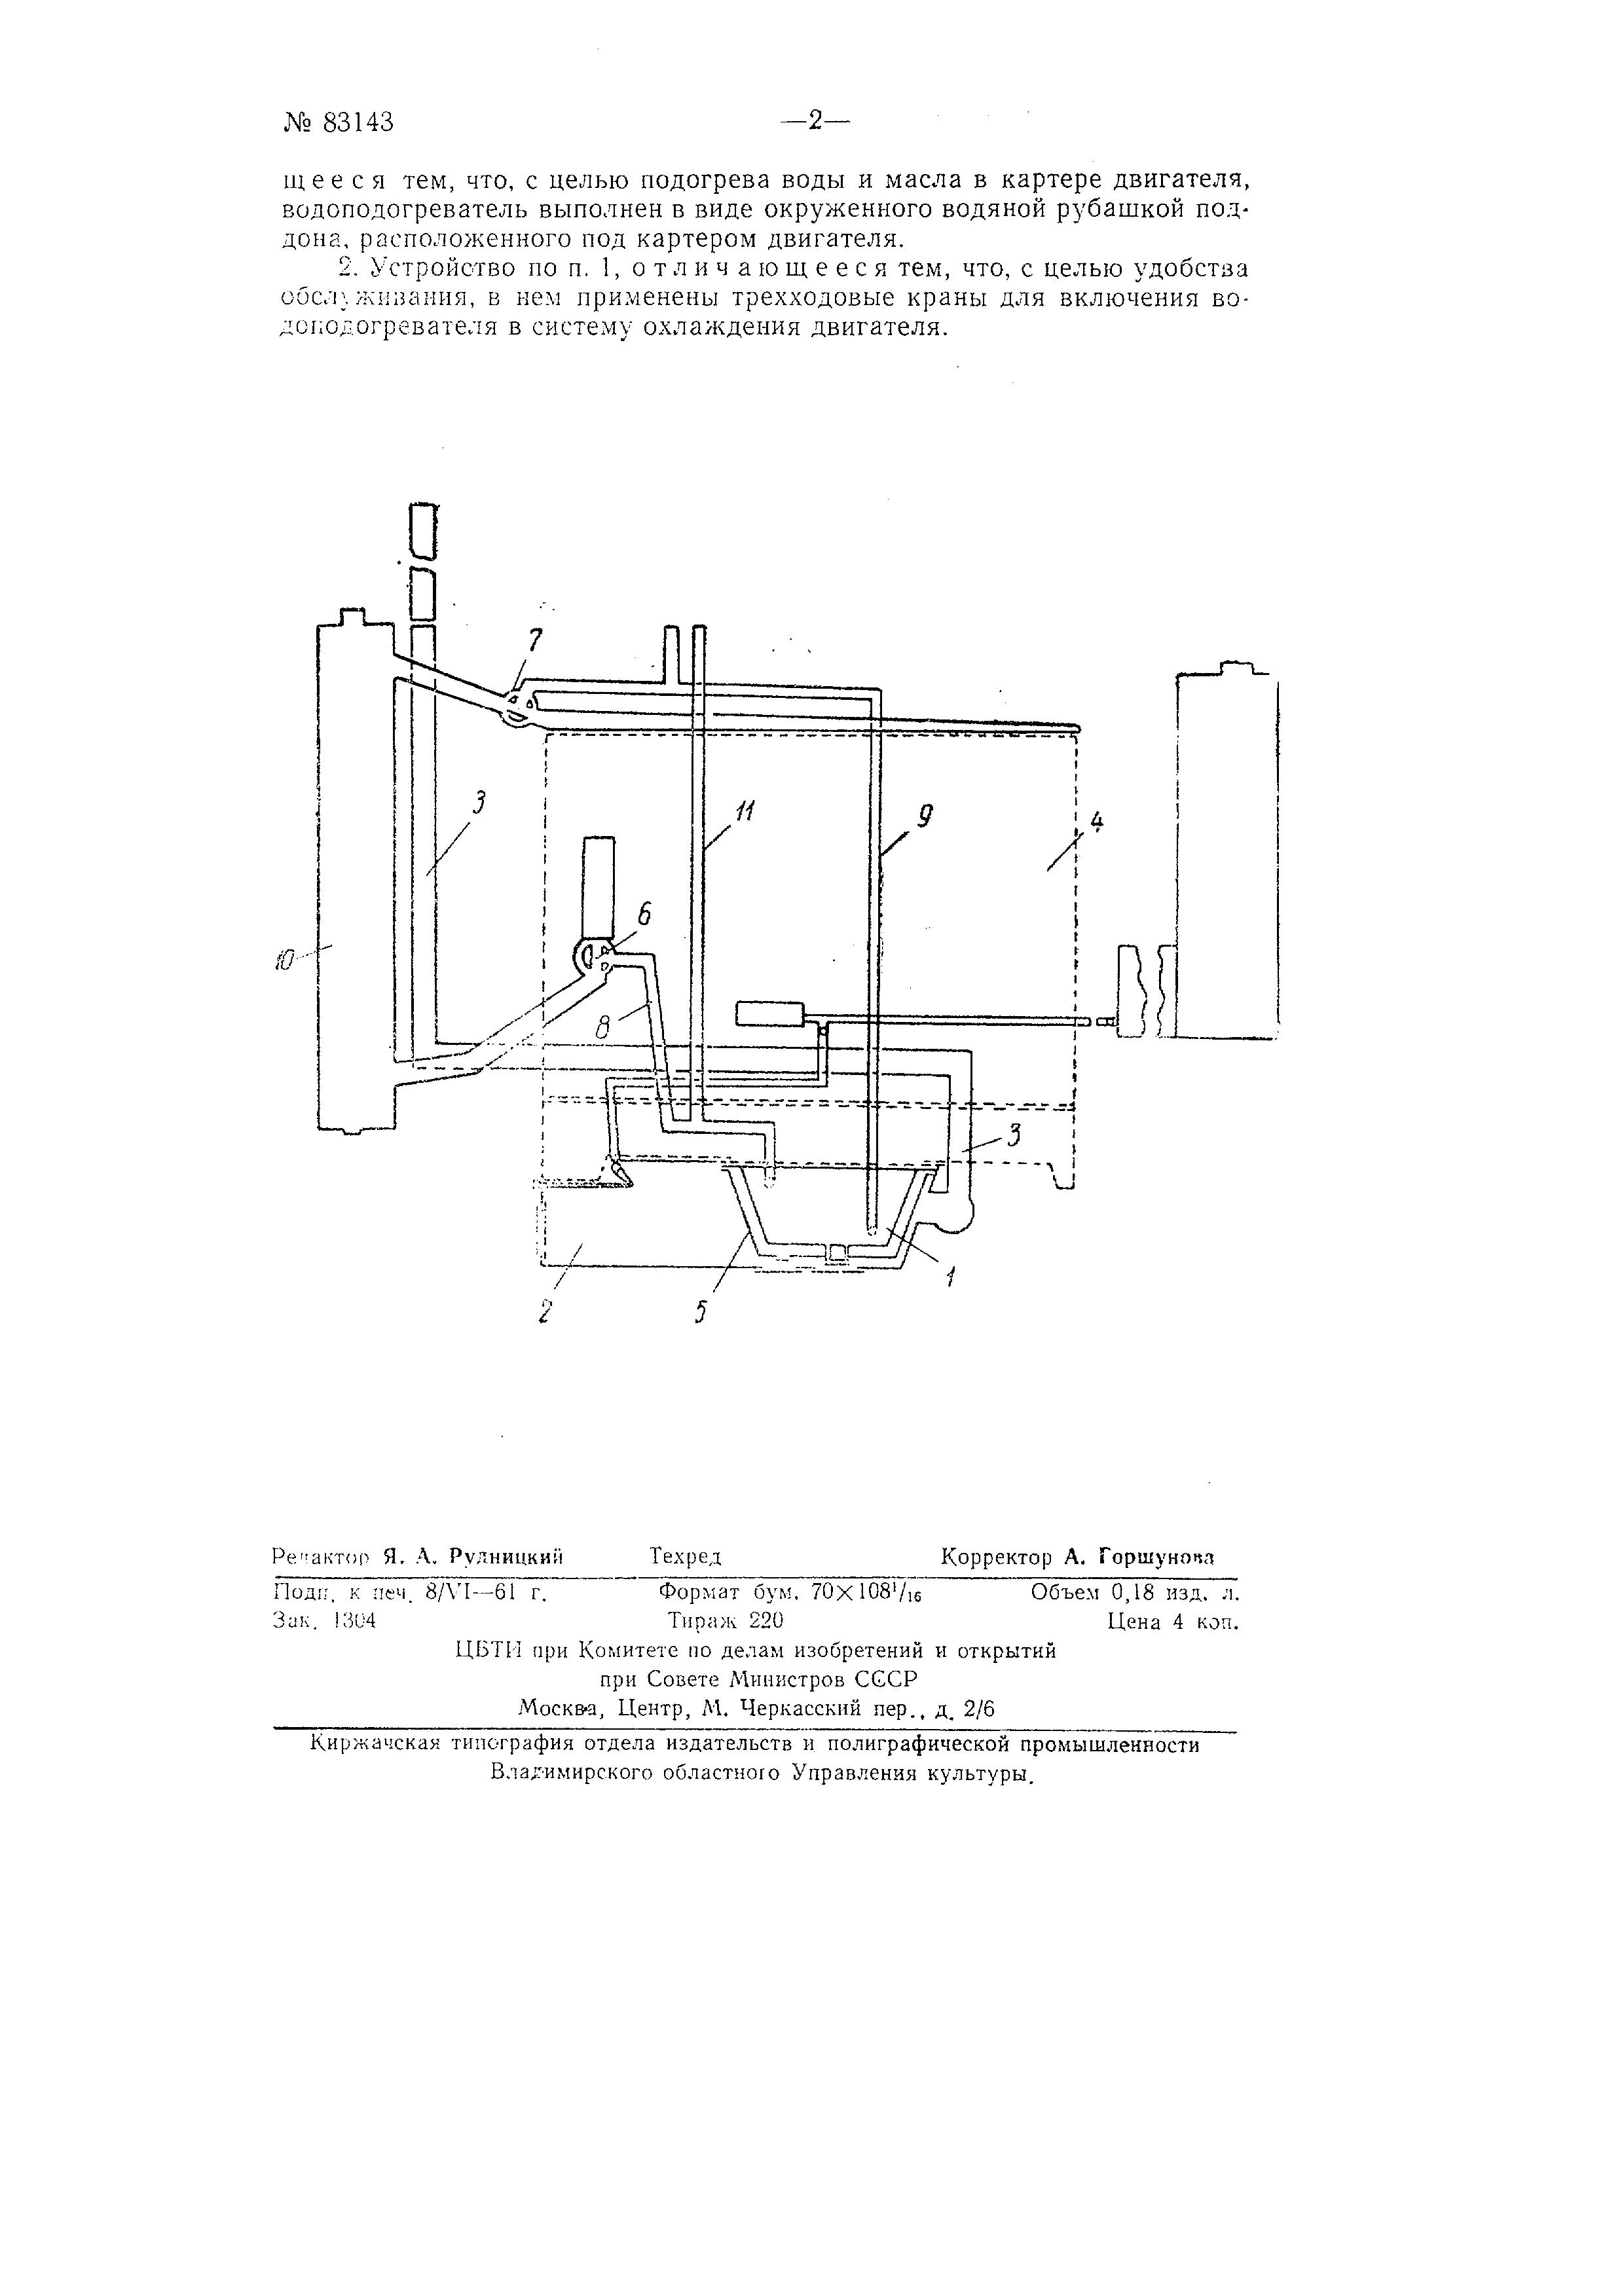 Устройство для подогрева воды и масла при запуске двигателя внутреннего сгорания